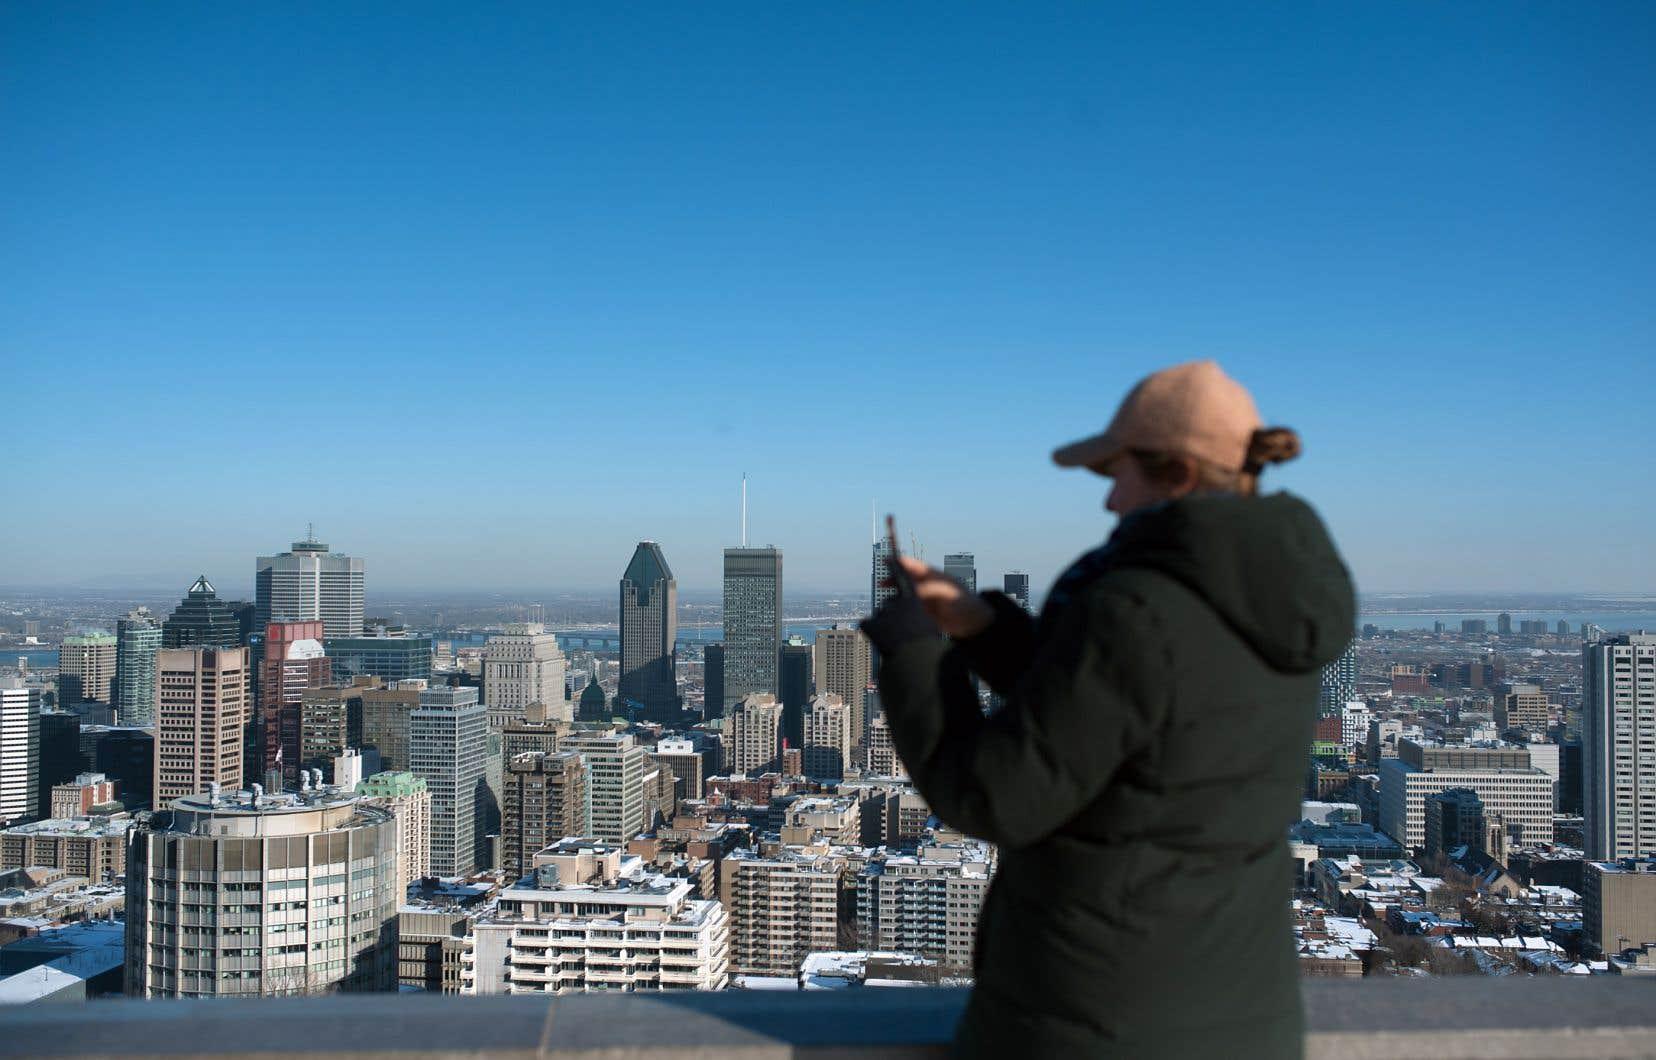 Le film de Martin Frigon s'inspire de l'enquête menée par le journaliste anglophone Henri Aubin dans les années 1970 sur la nature des intérêts de ceux qui possèdent les grandes tours montréalaises.